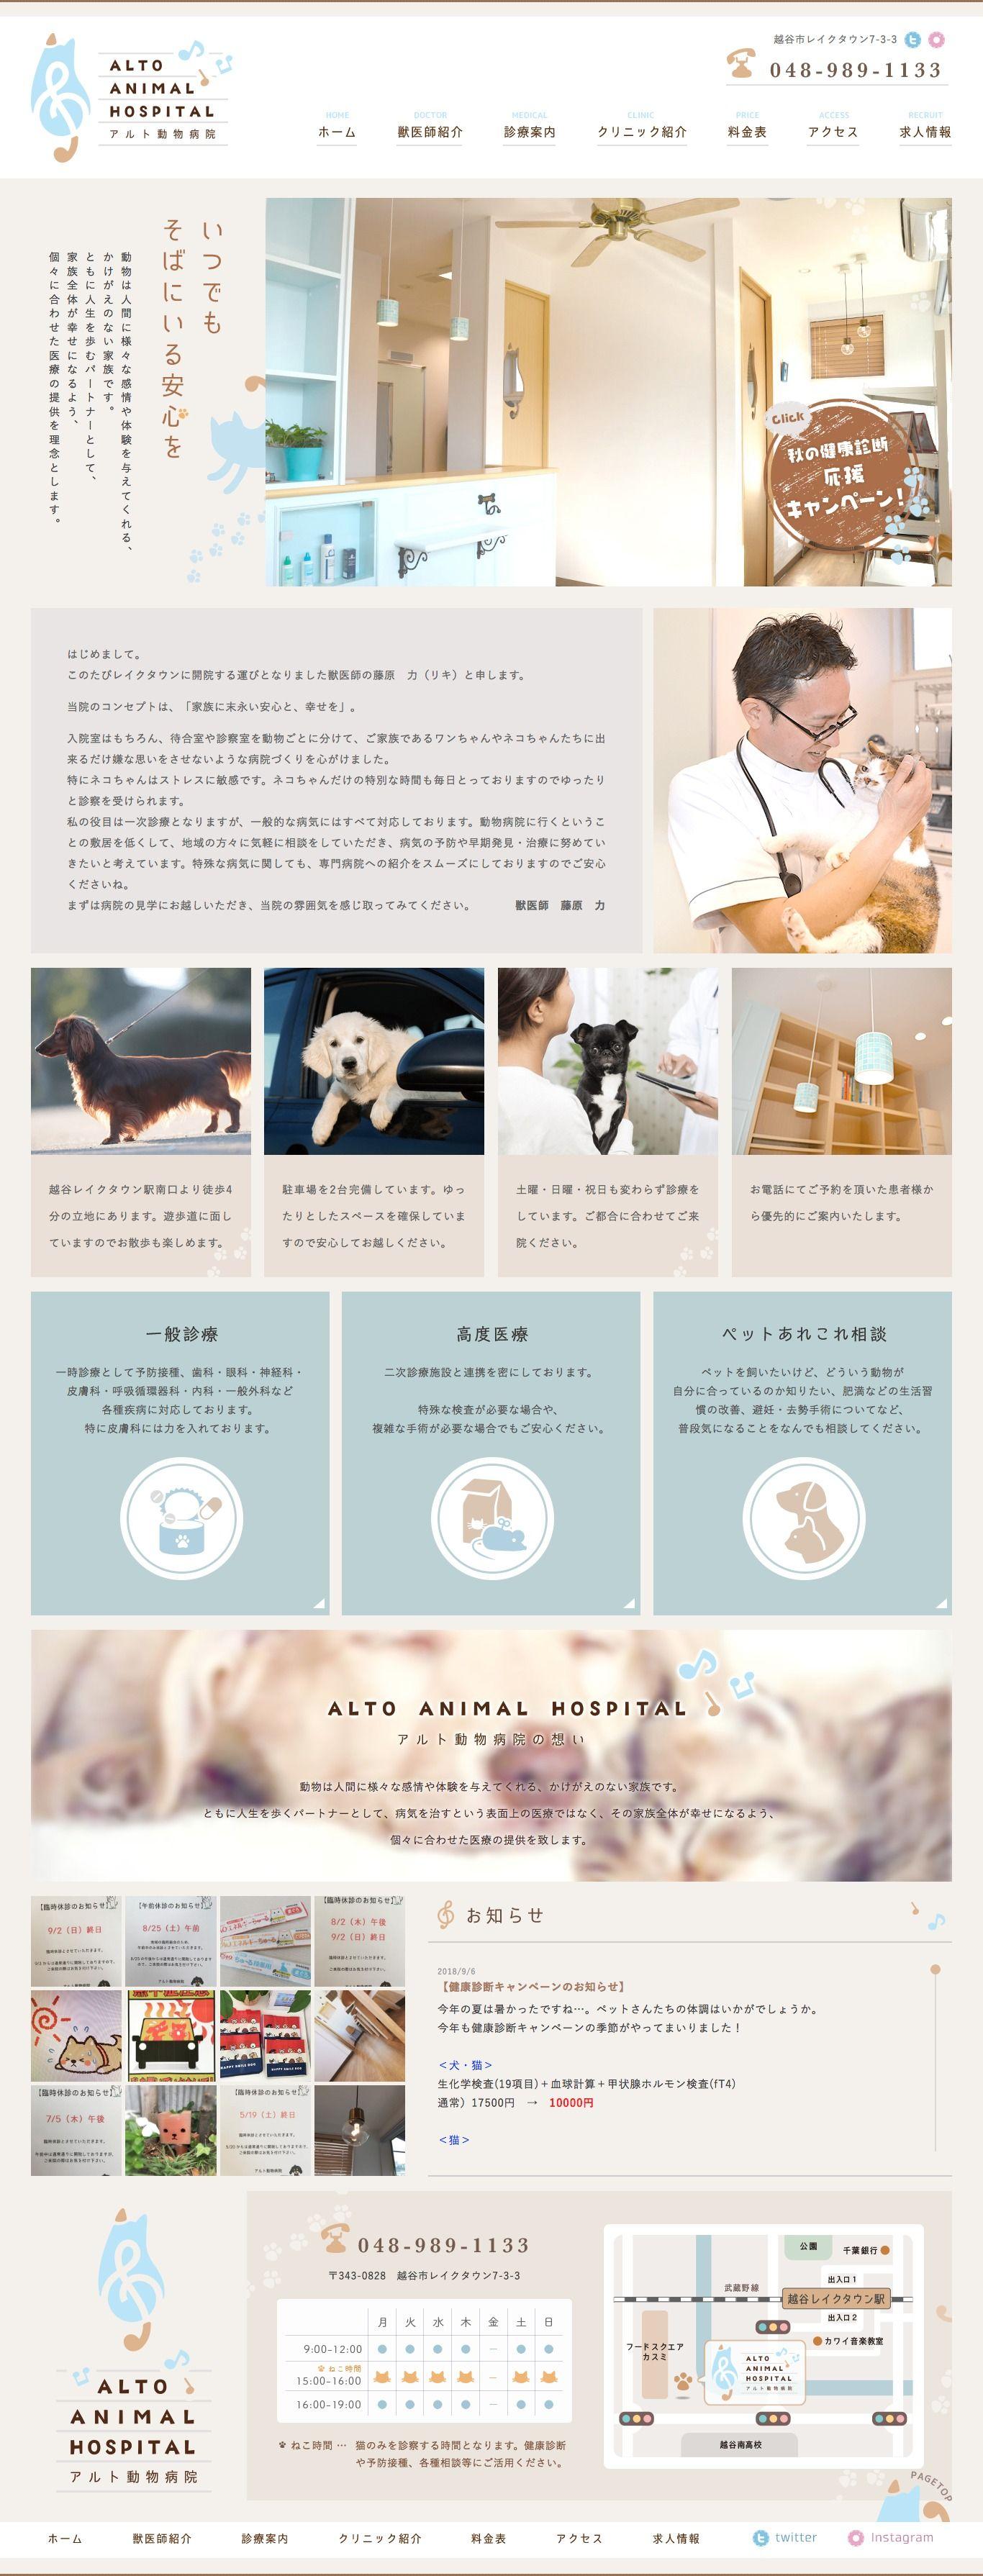 アルト動物病院 1guu Lp デザイン パンフレット デザイン 医療デザイン